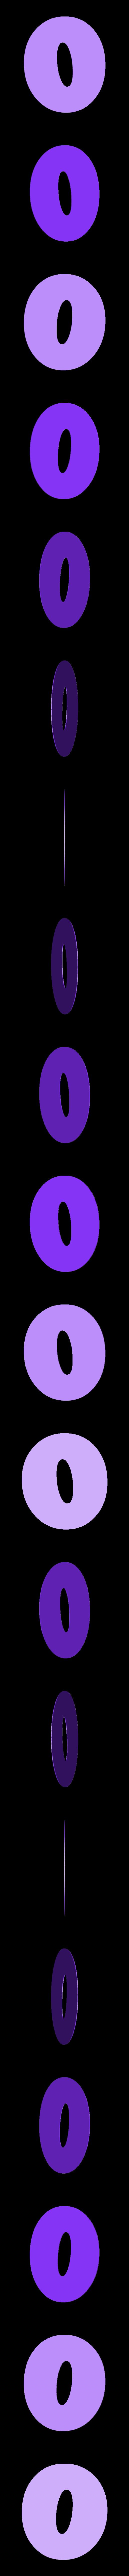 Number 0.stl Télécharger fichier STL Autocollants de bonne fête • Modèle pour impression 3D, abbymath